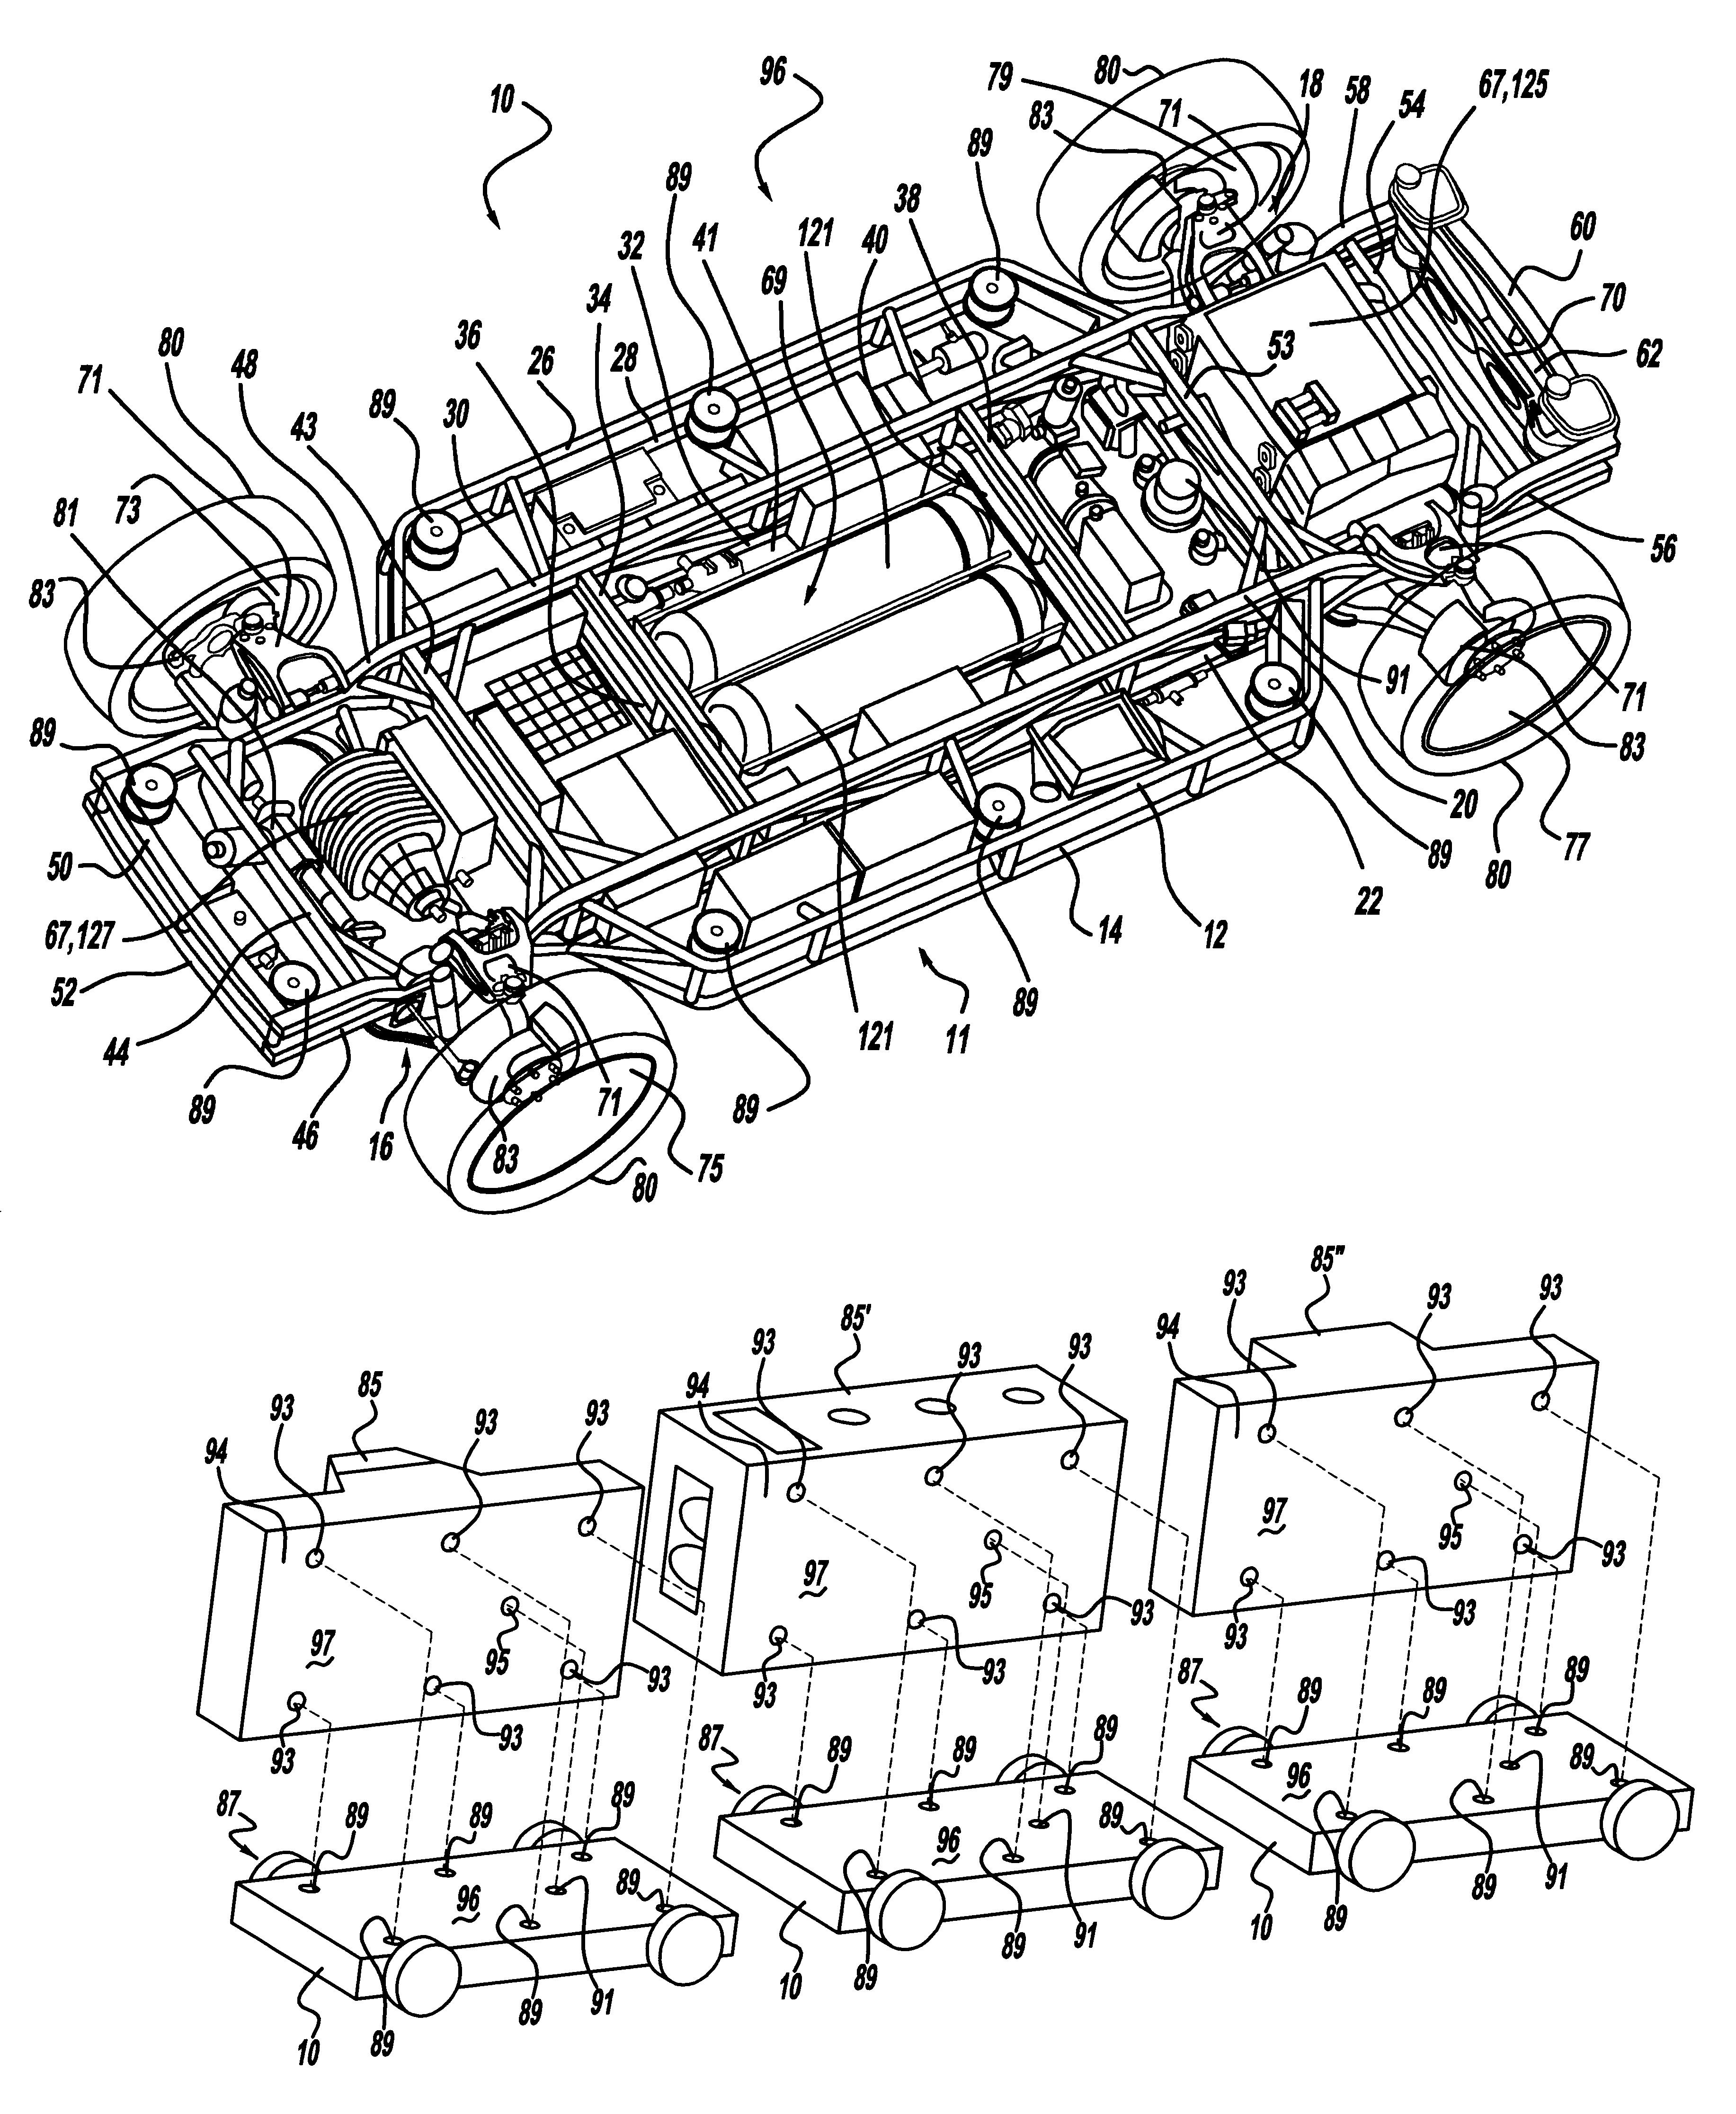 1986 el camino fuse box 1985 corvette fuse box: 1984 corvette wiring diagram  chis 1985 corvette fuse box